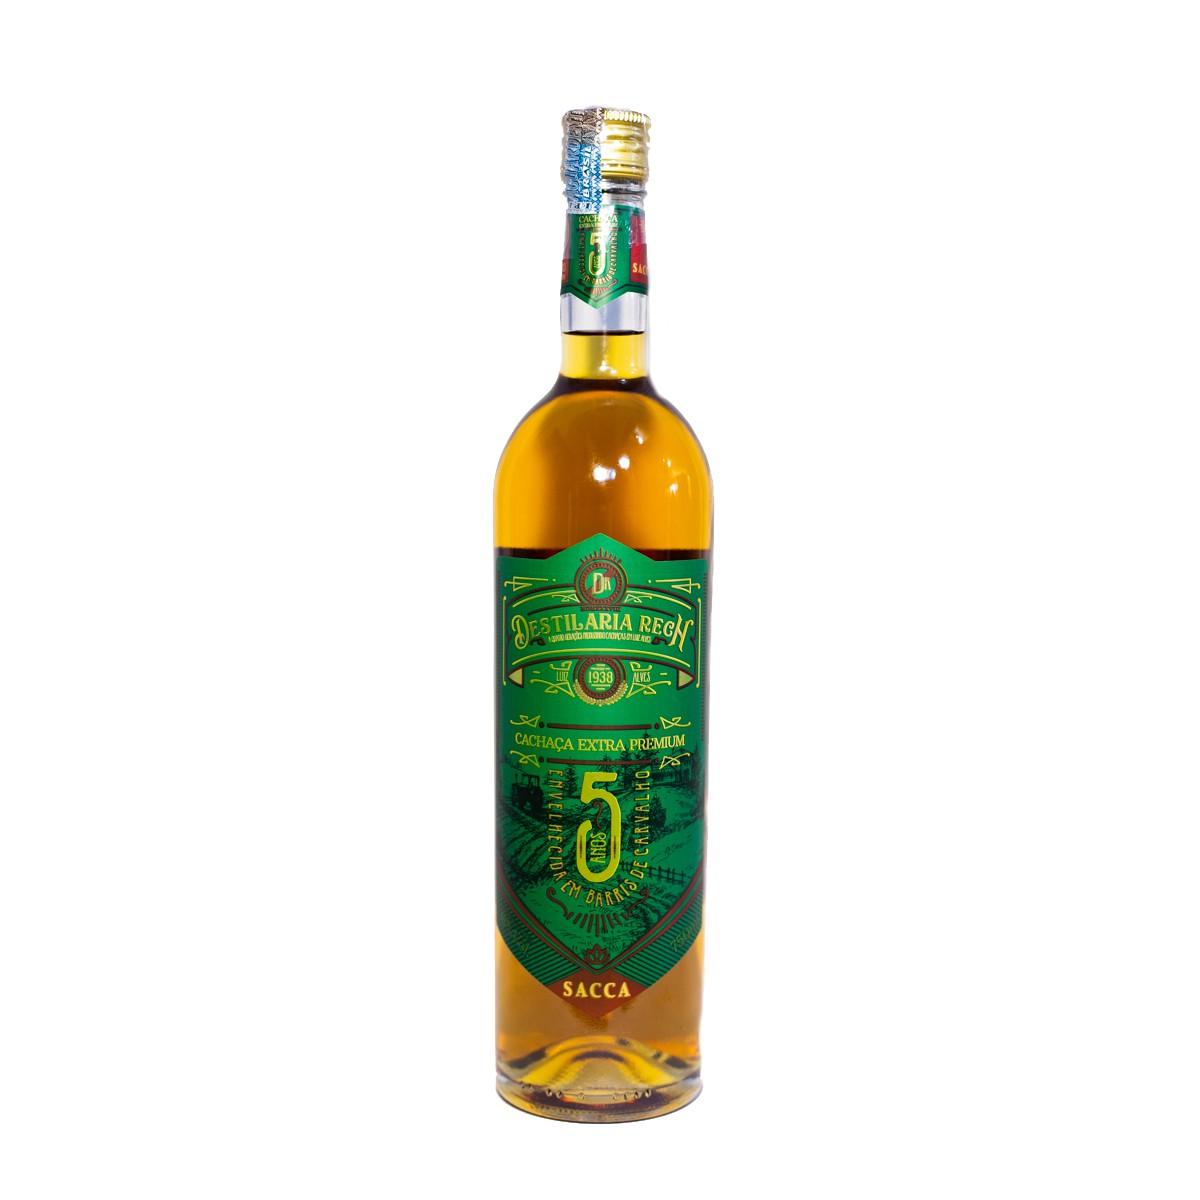 Cachaça Sacca Ouro Extra Premium  - 5 anos - Rech - 750 ml